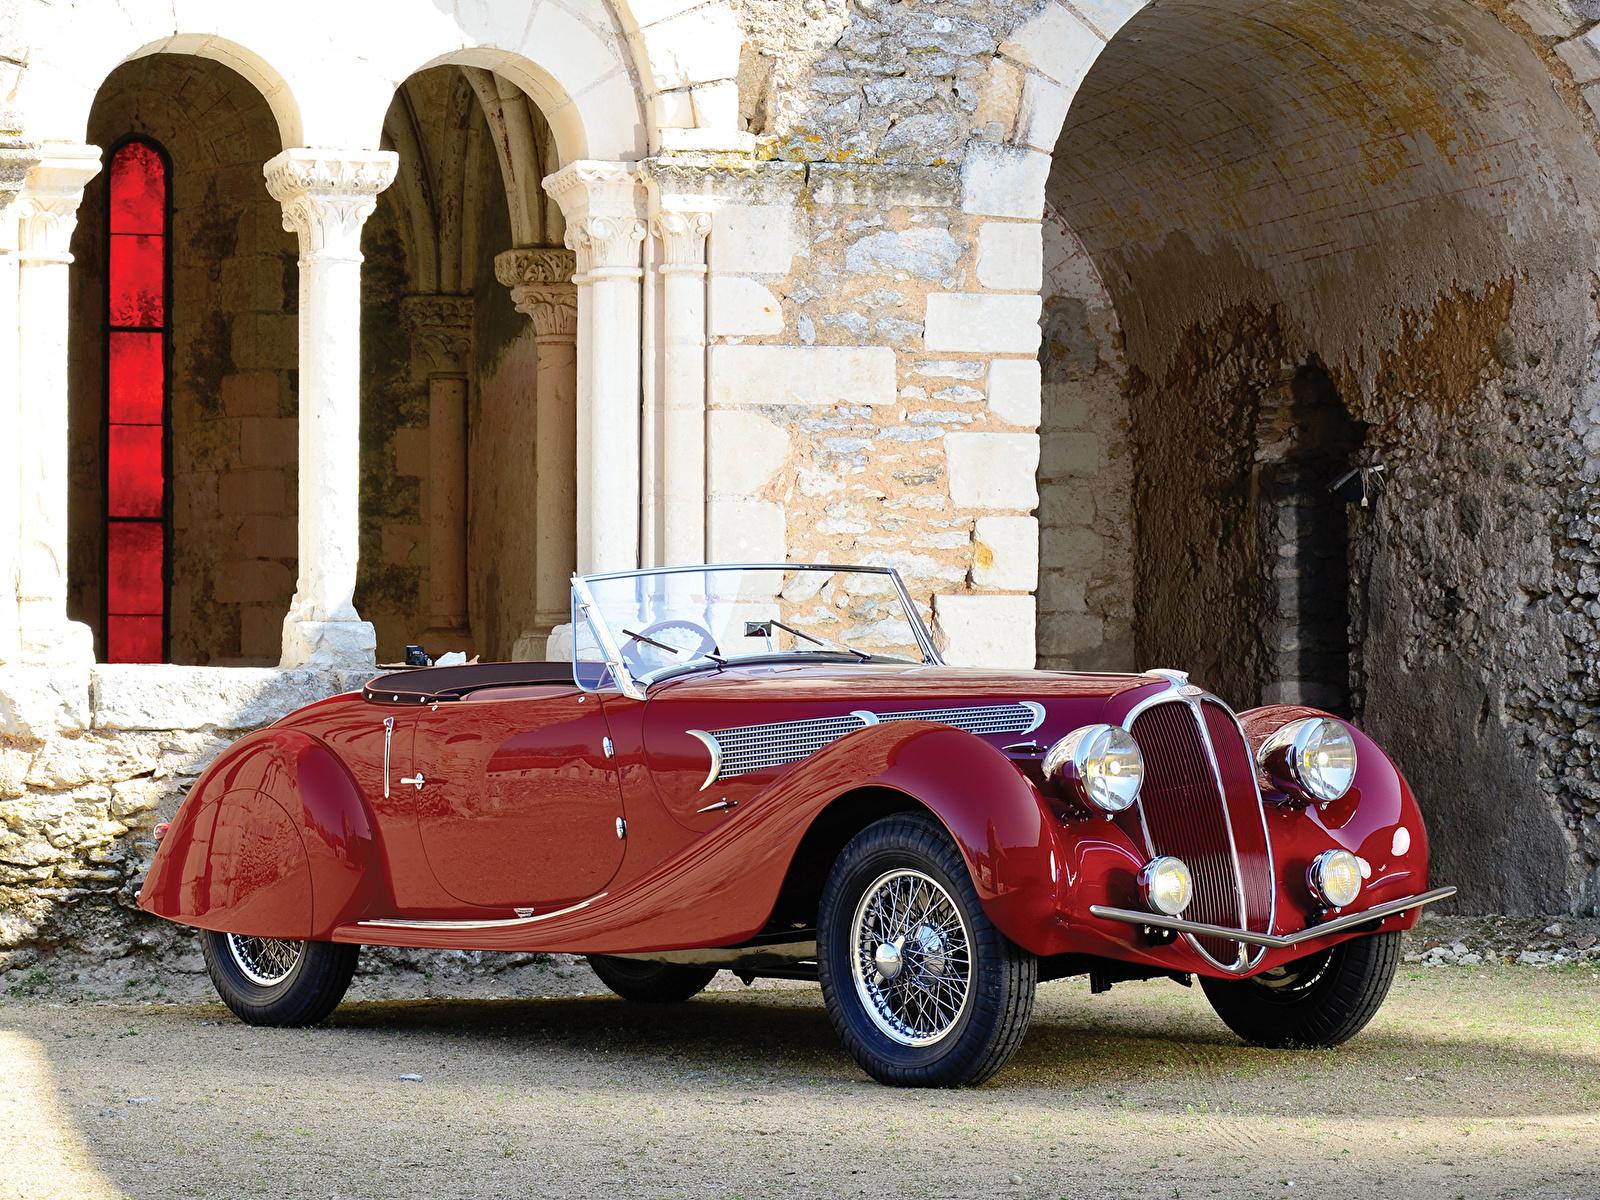 Картинка Delahaye 135 MS Grand Sport Roadster 1939 Родстер Ретро Автомобили 1600x1200 винтаж старинные авто машина машины автомобиль